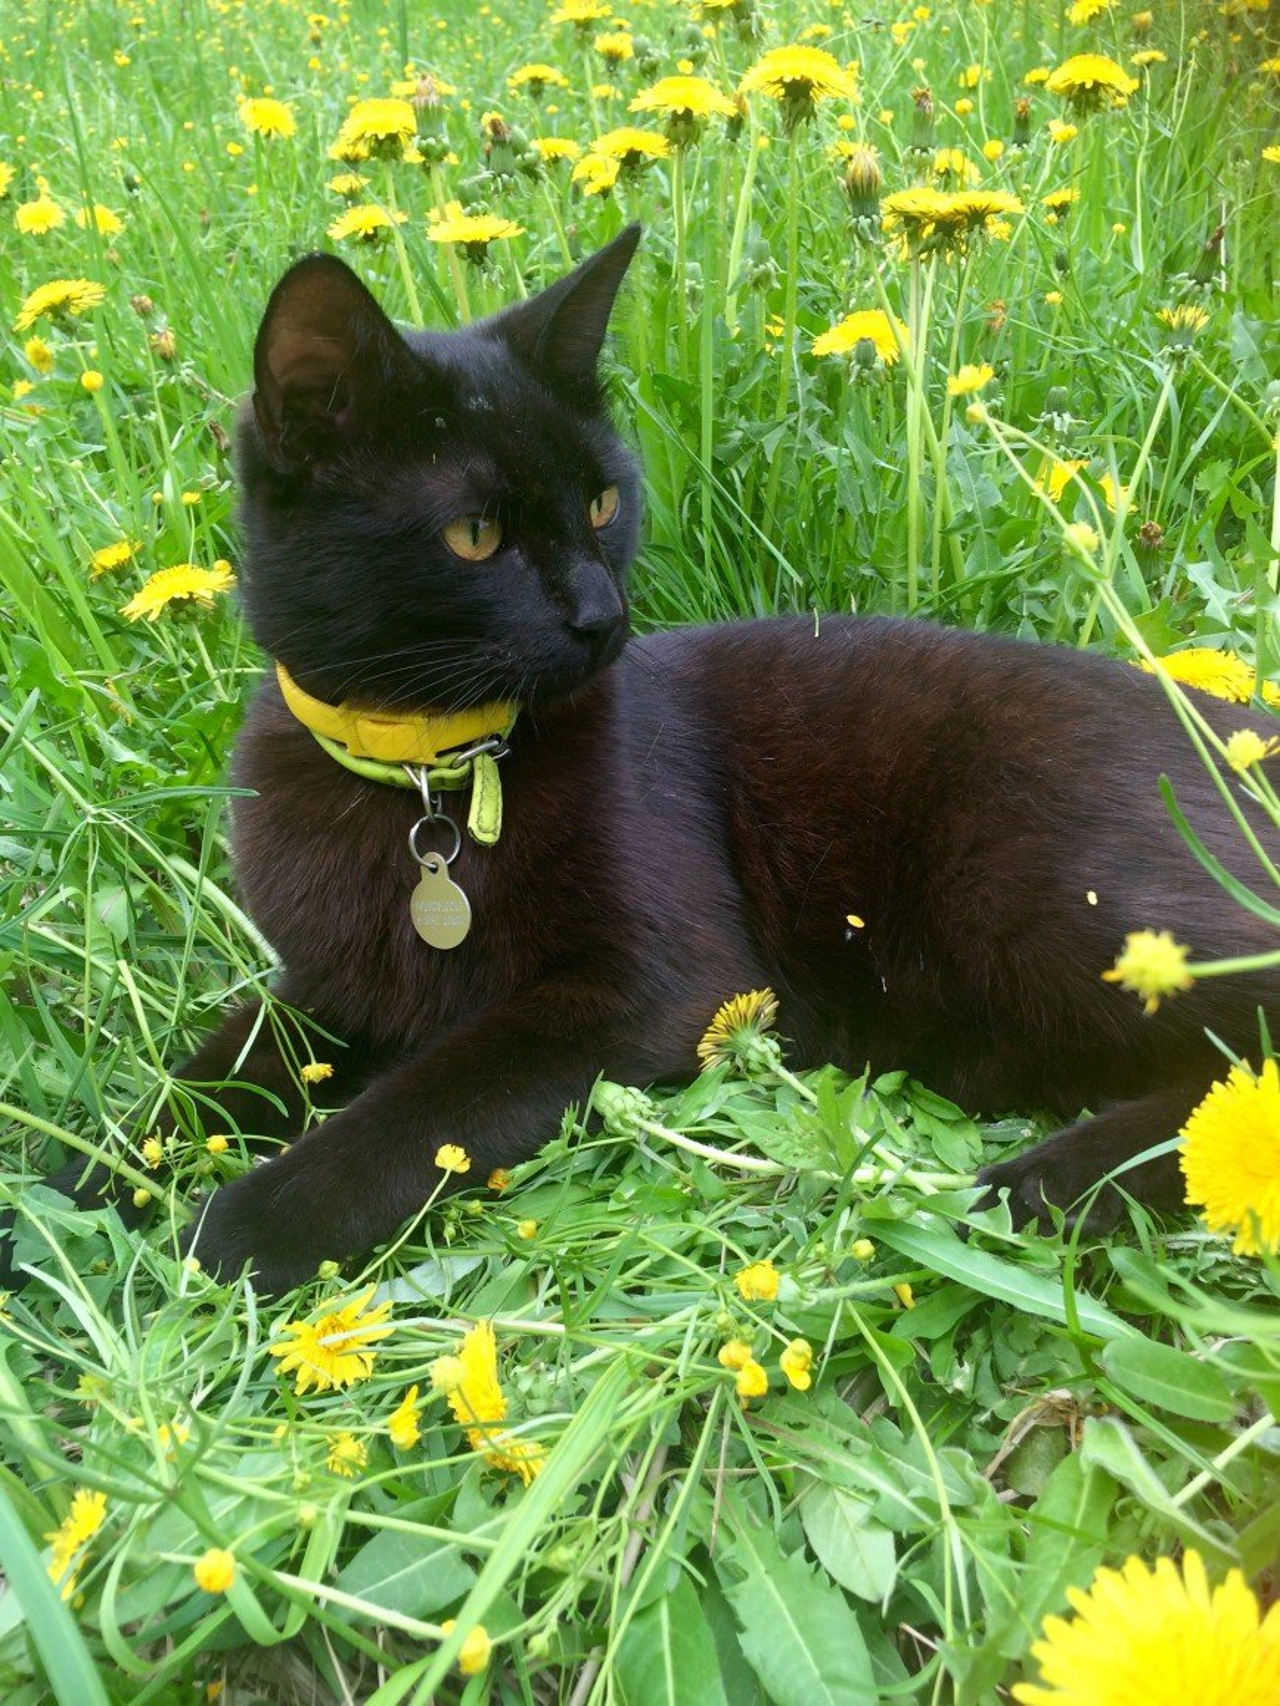 Автор: она идет по жизни смеясь, Фотозал: Домашние питомцы, Наш Ждун. Самый добрый кот в мире :)